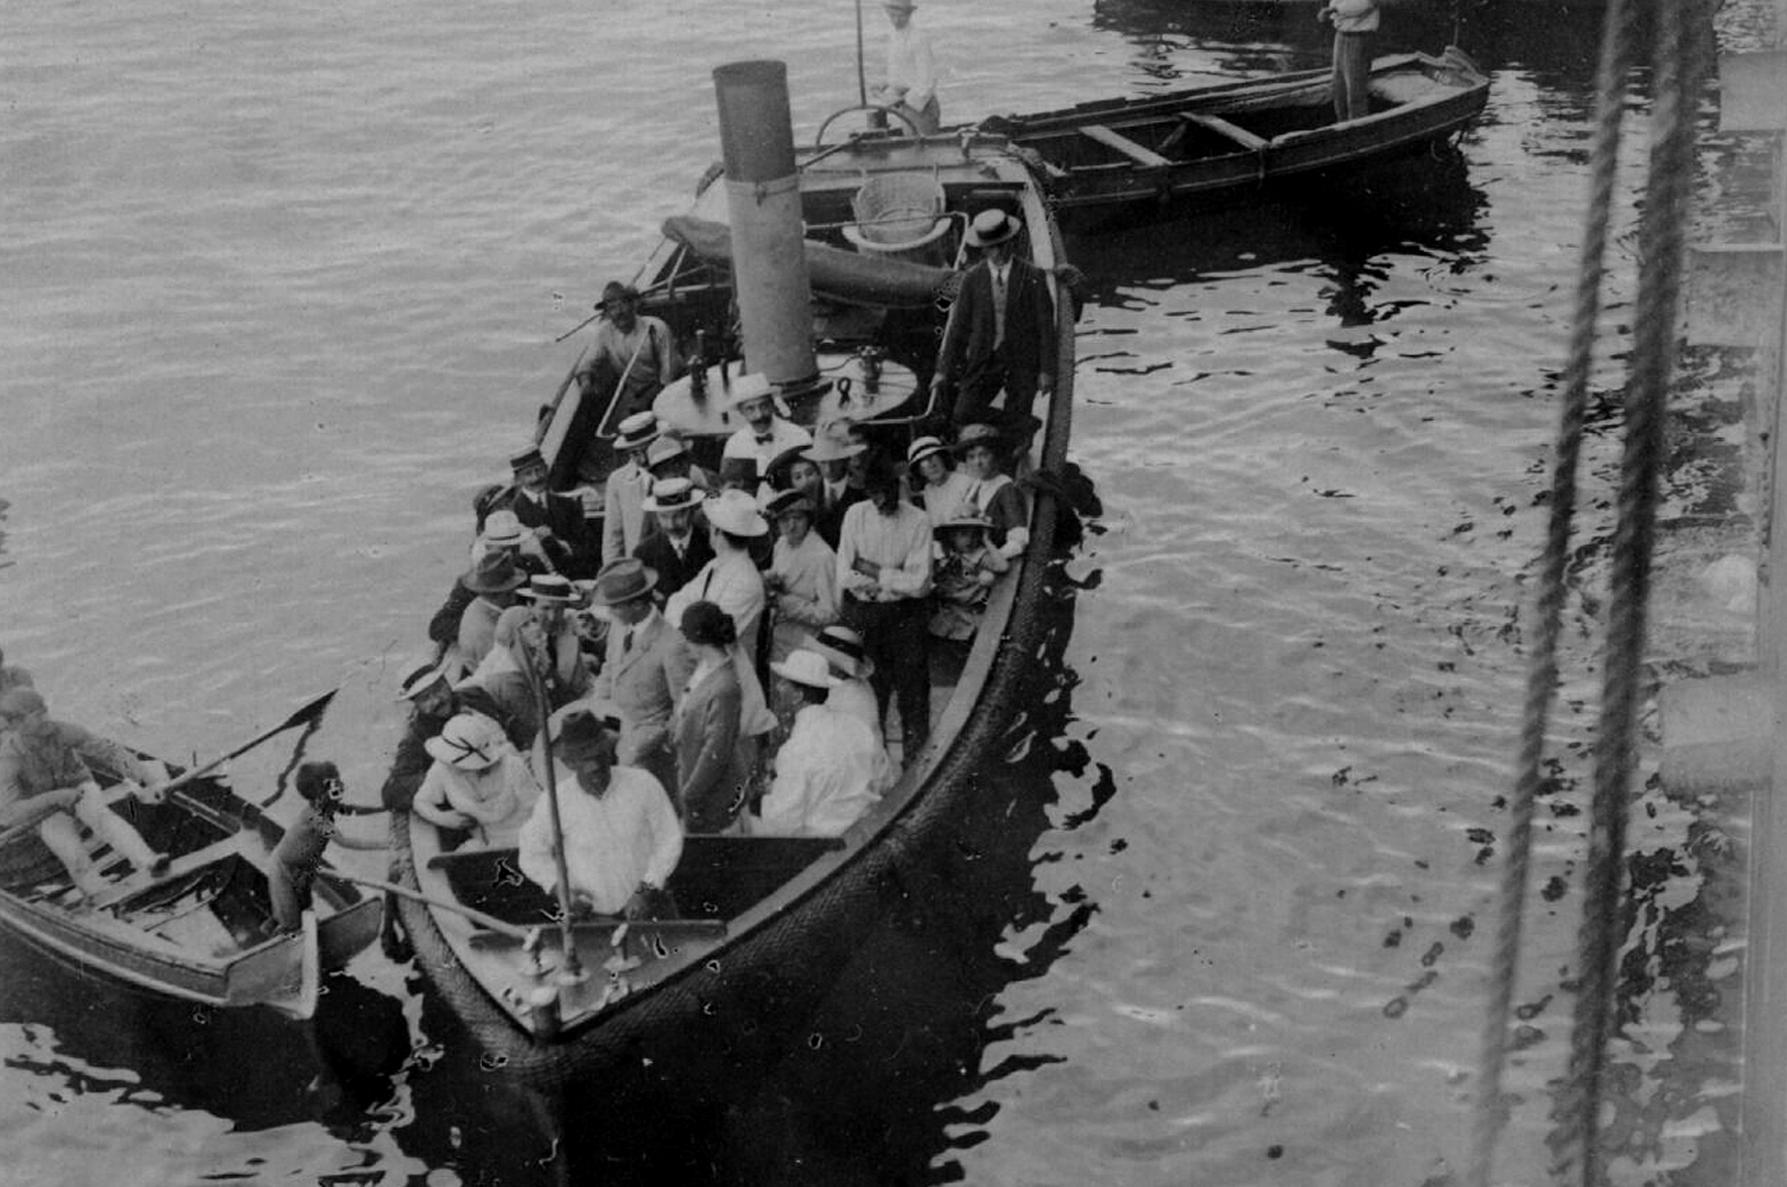 Вацлав Нижинский и страстно влюбленная в «бога танца» Ромола де Пульски в одной лодке, вместе с другими артистами балета. Мадейра, 1913.